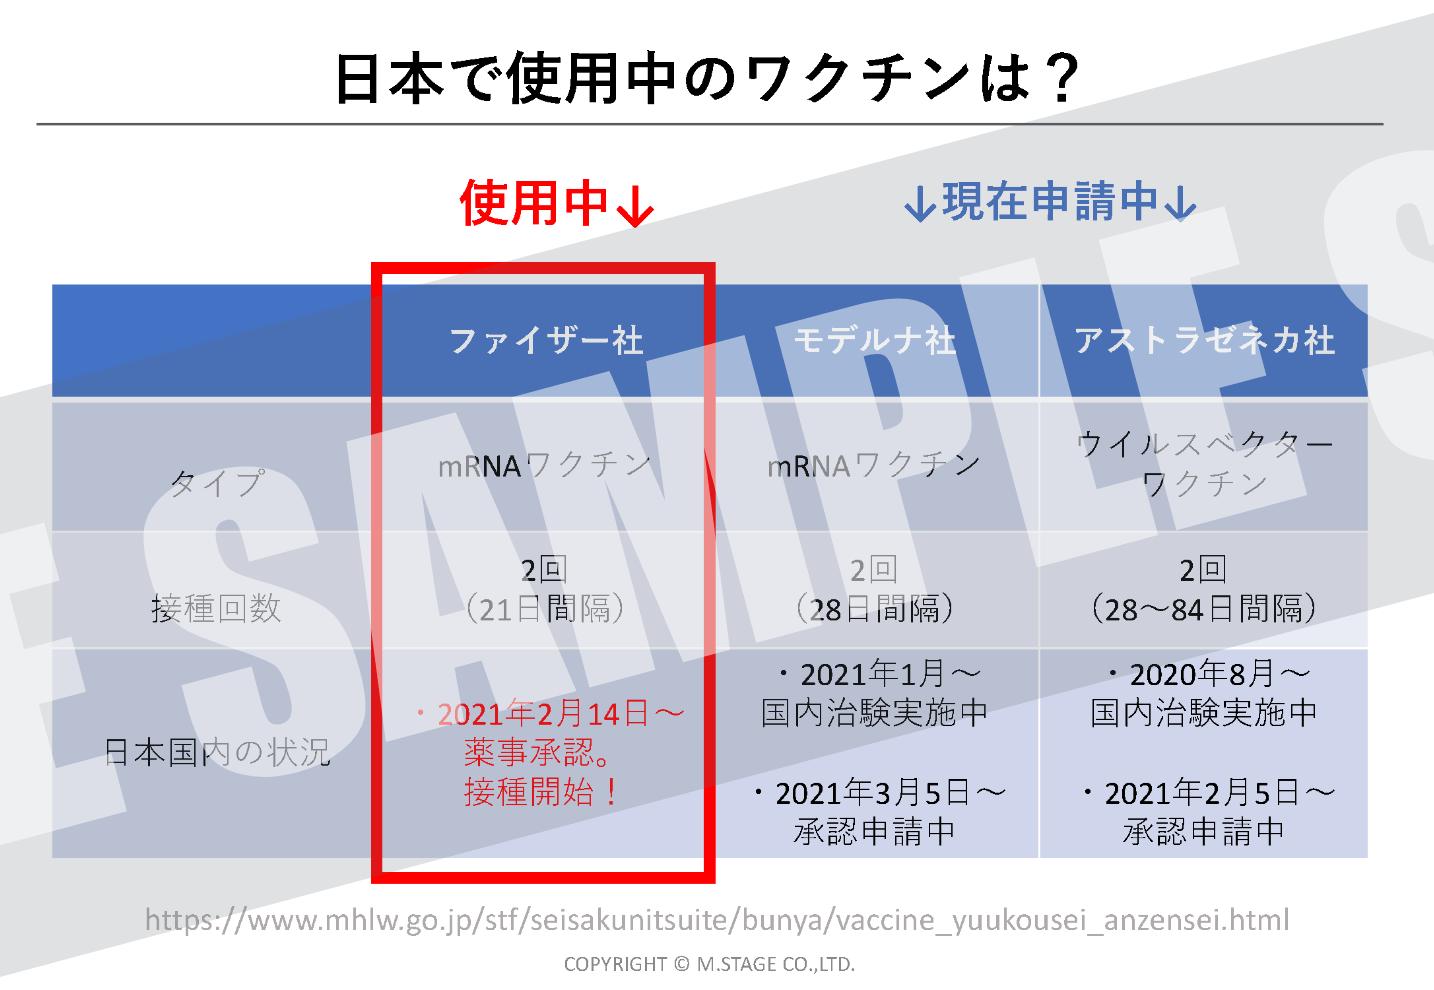 日本で使用中のワクチンは?